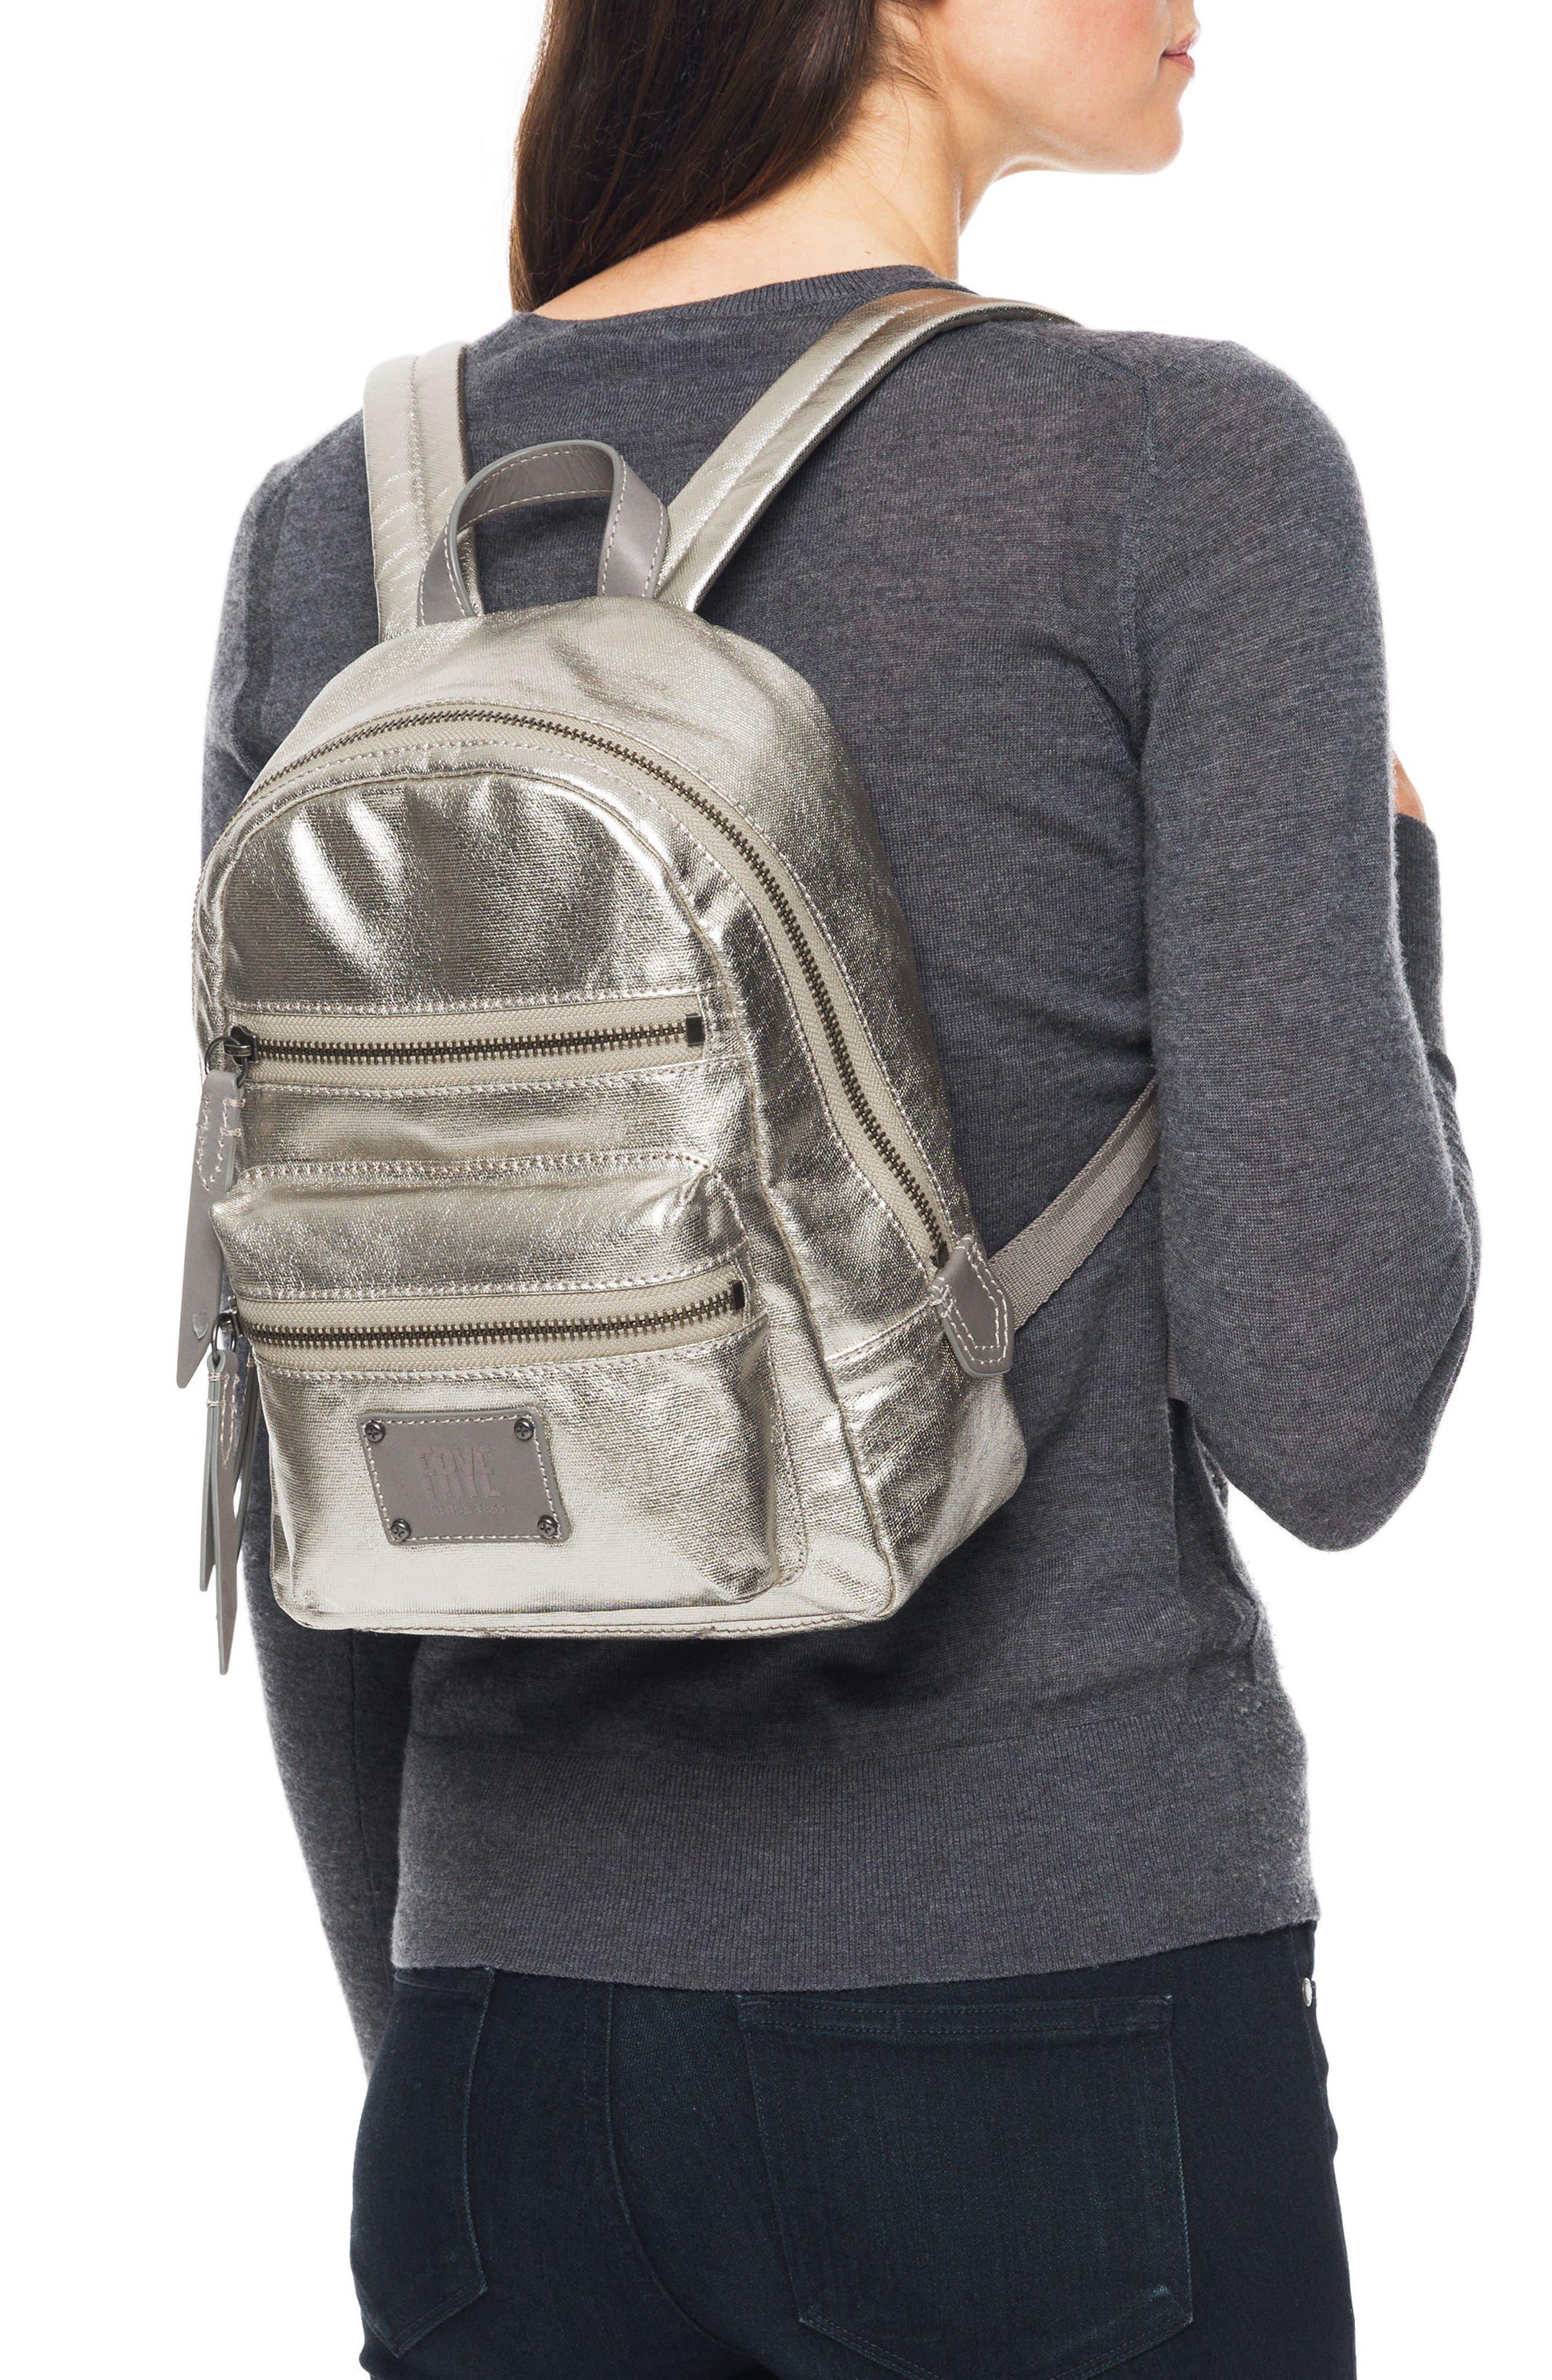 Mini Ivy Metallic Nylon Backpack,                             Alternate thumbnail 2, color,                             020